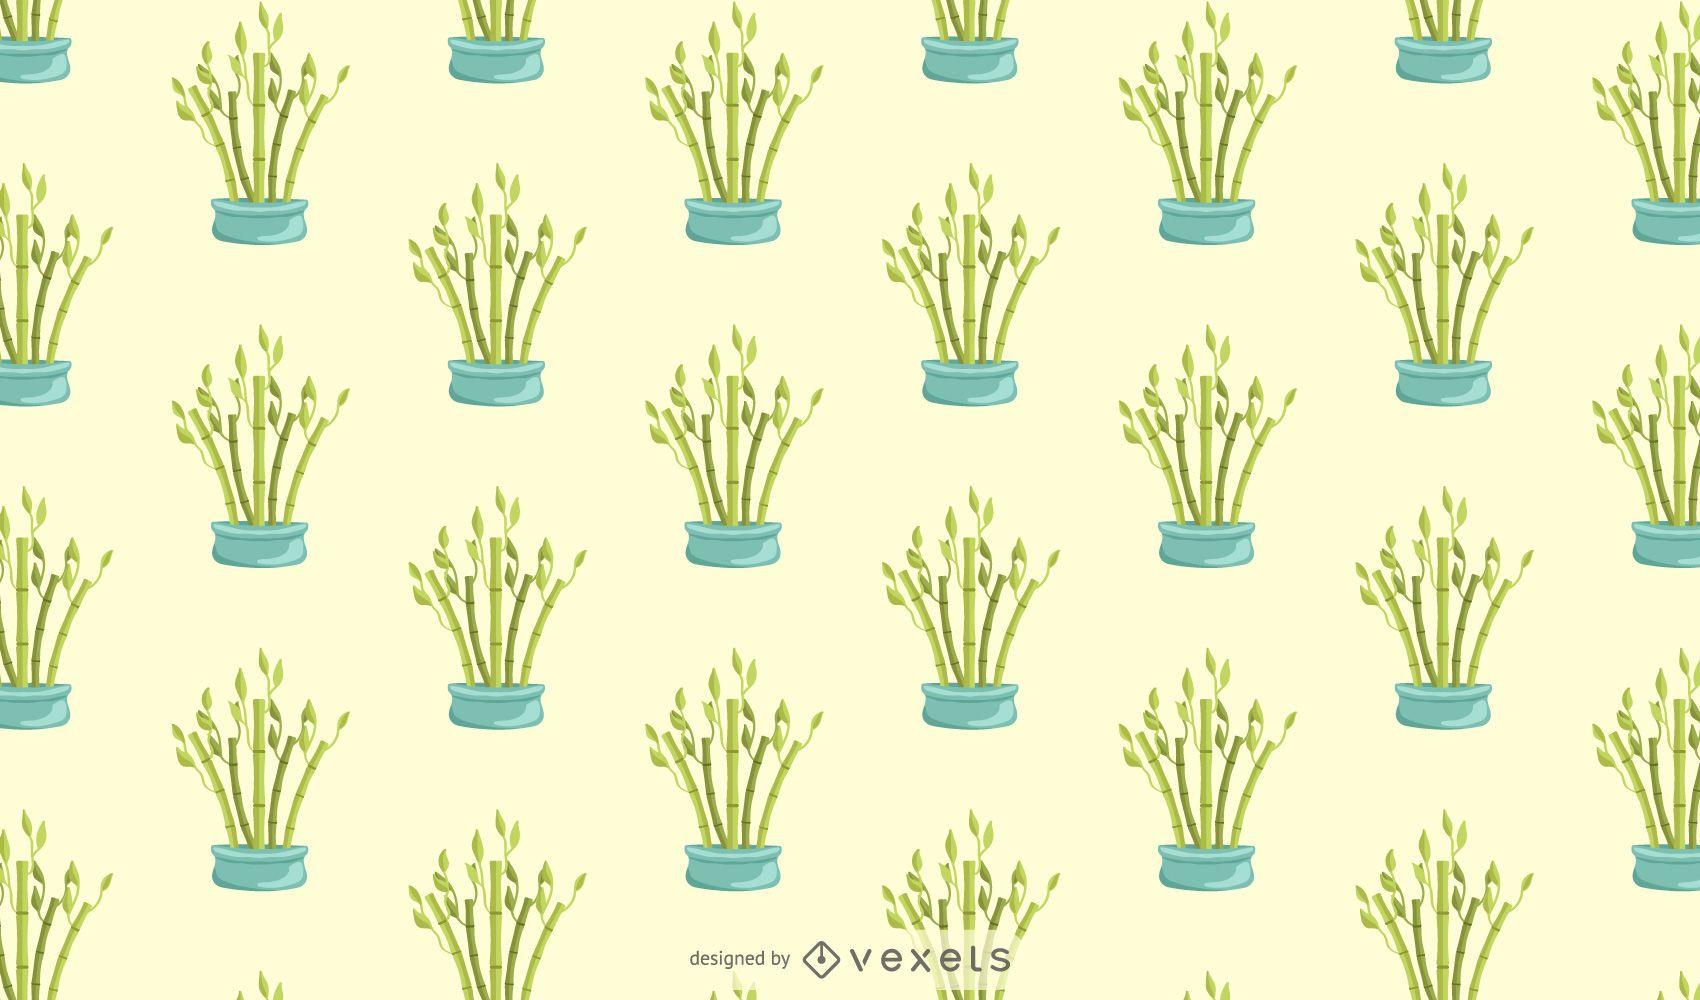 Diseño de patrón de bambú de la suerte